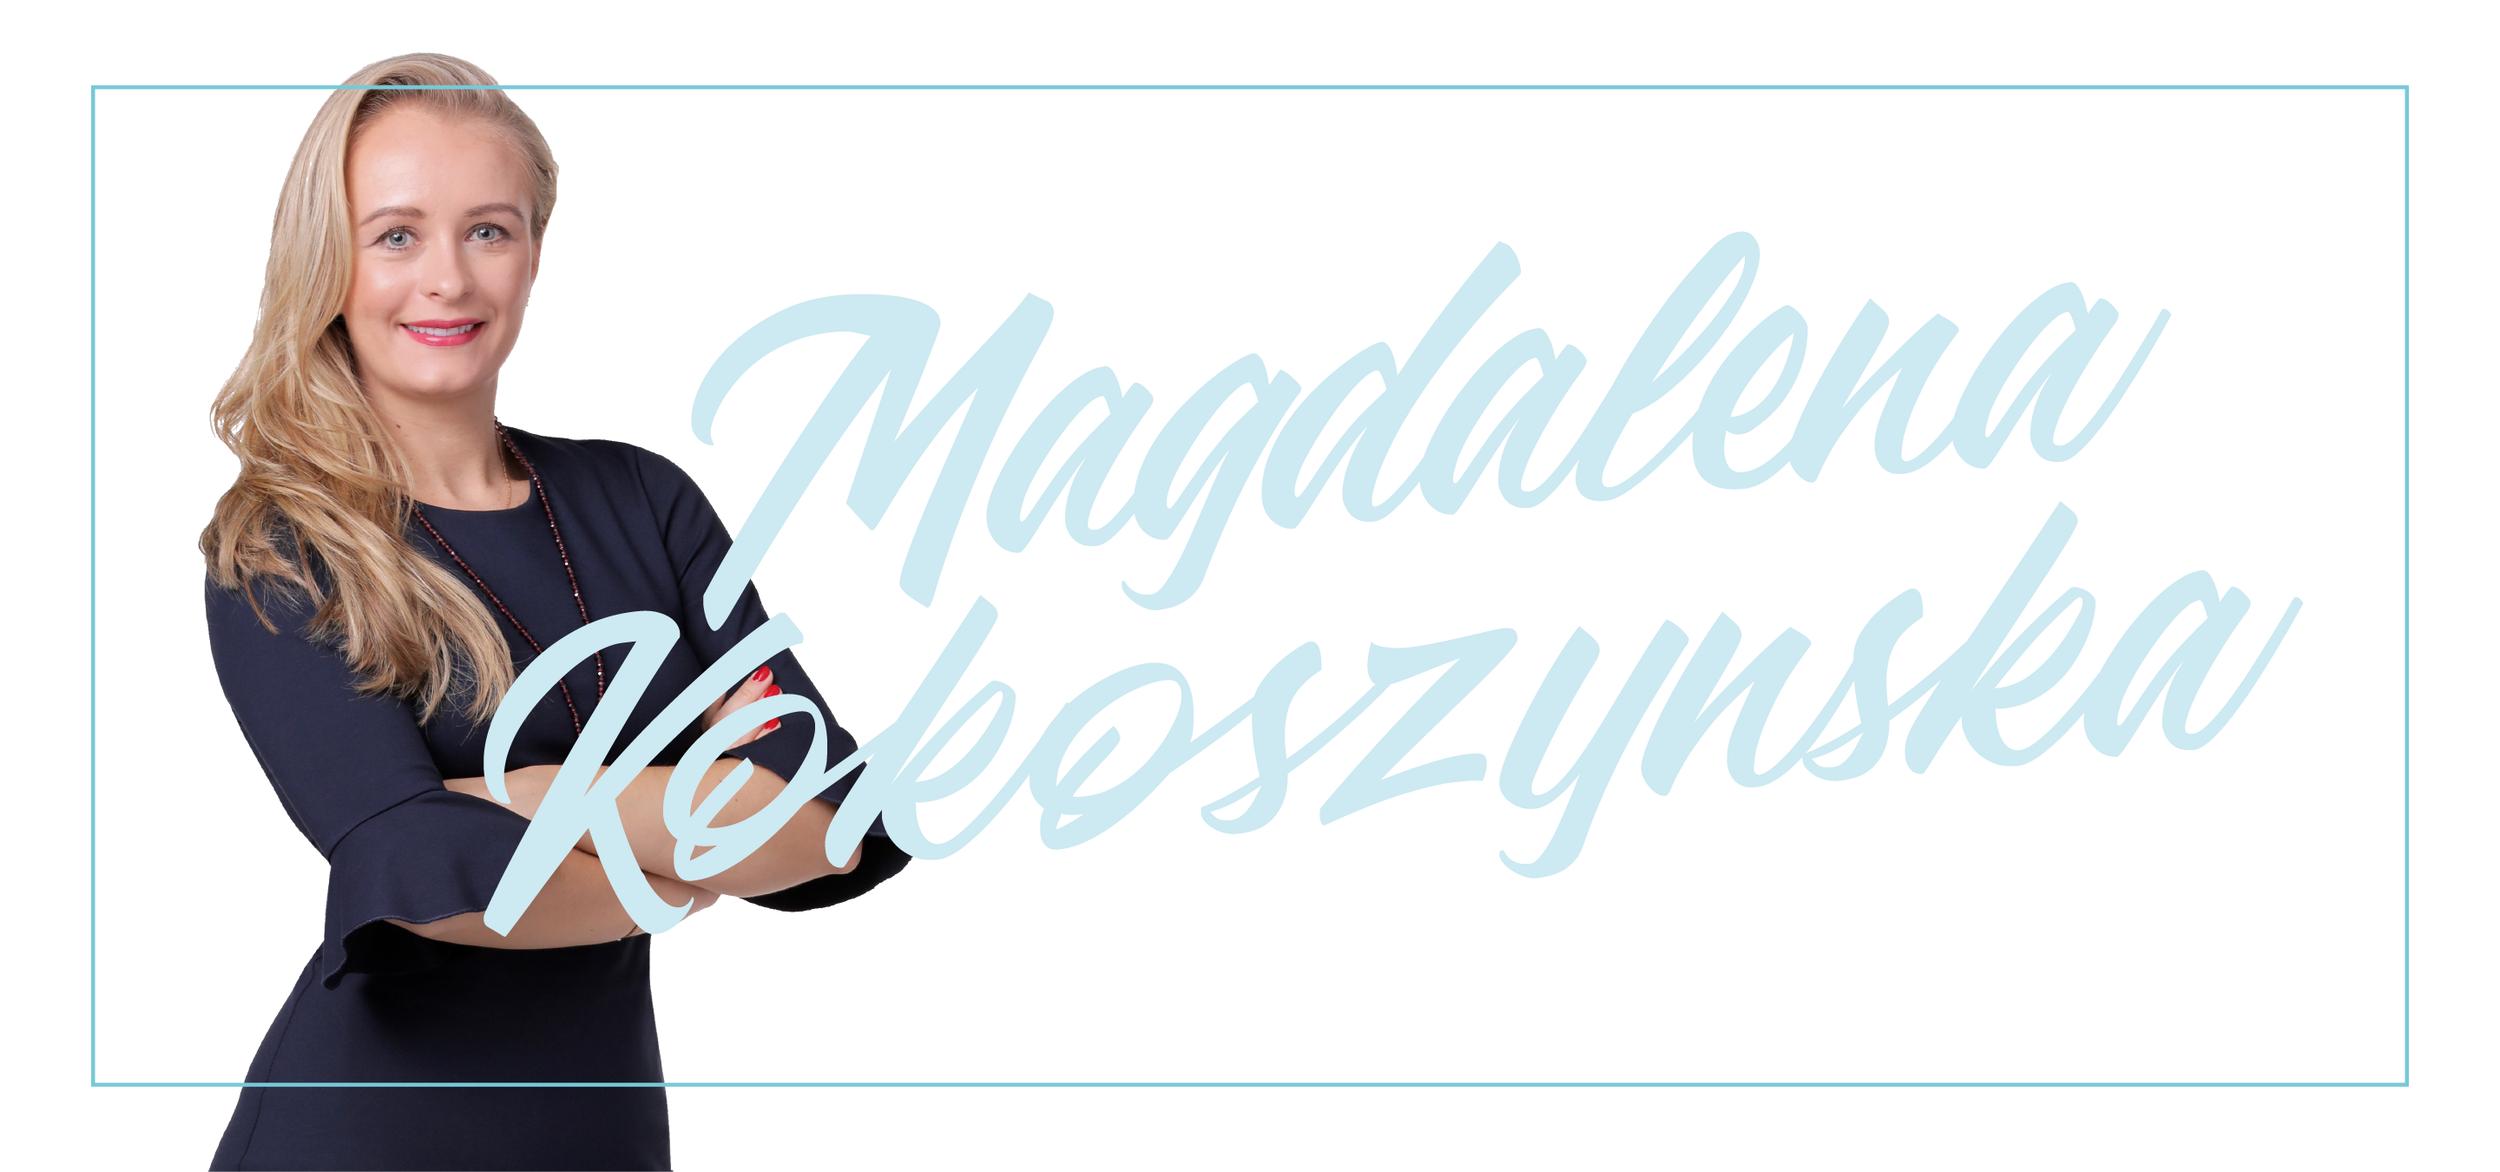 Magdalena_header.png